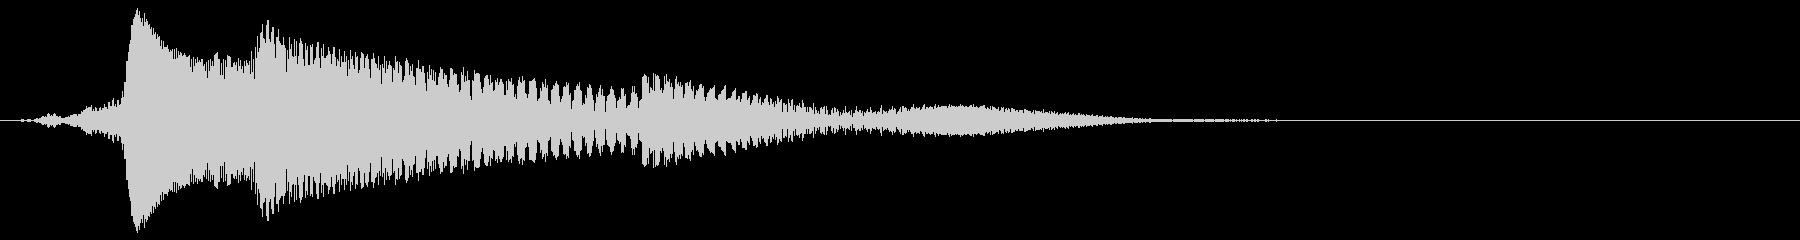 カーソル移動音の未再生の波形